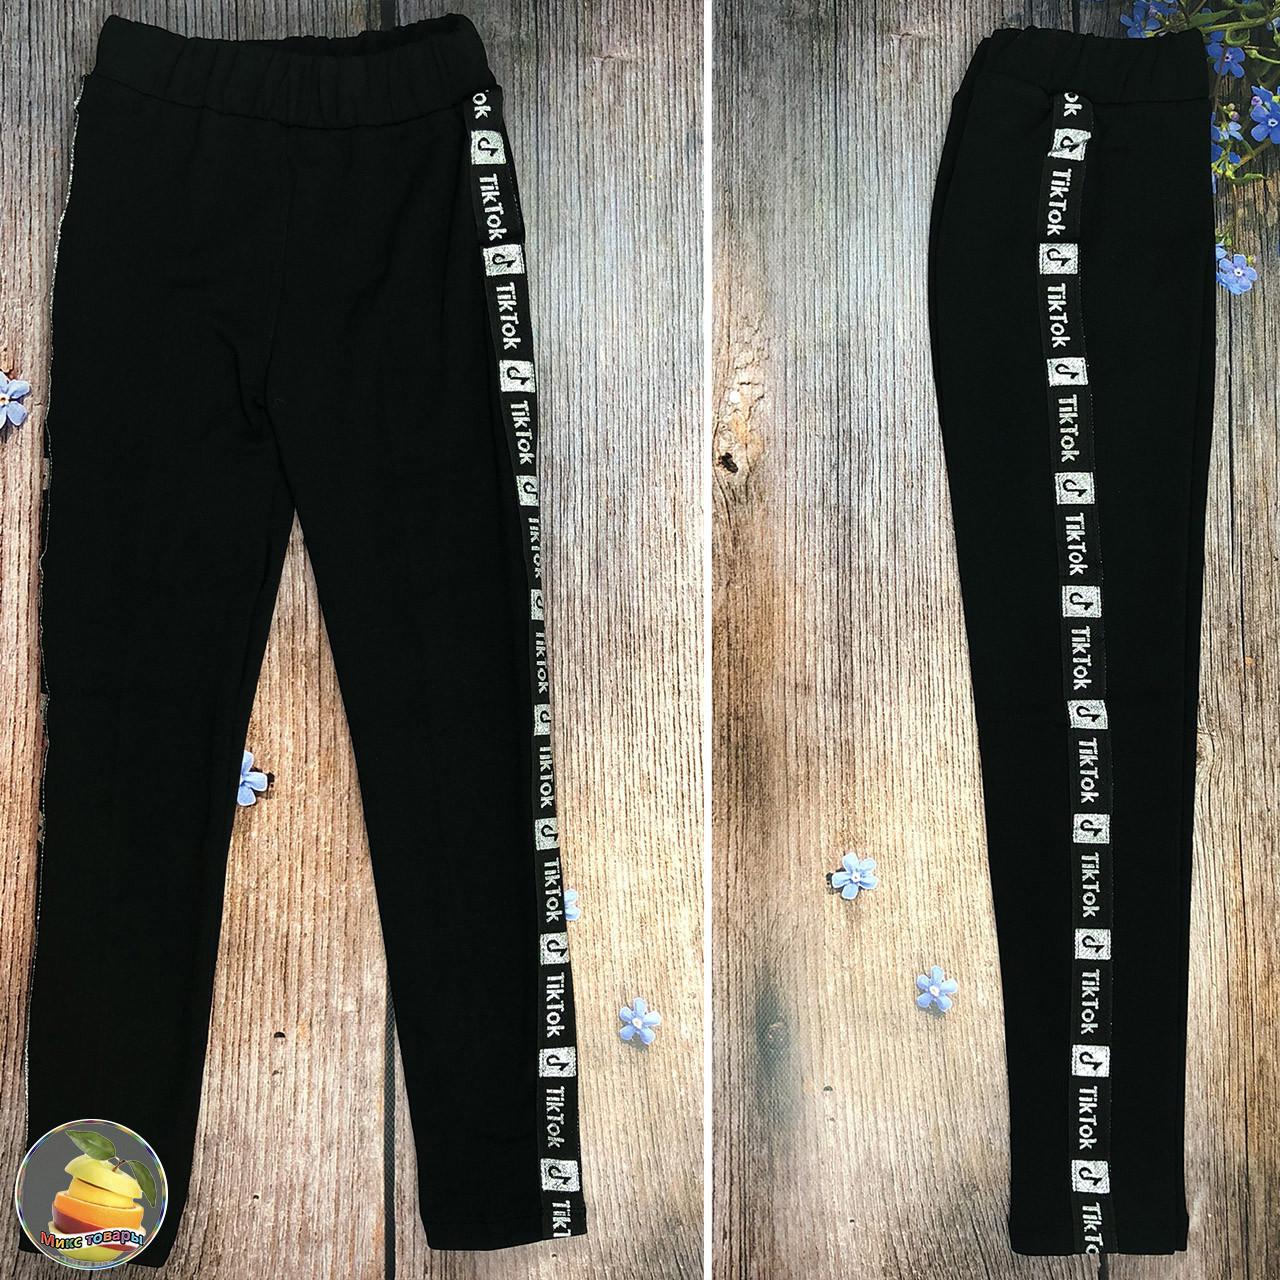 """Чорні лосини з начосом """"Тикток"""" для дівчинки підлітка Розміри: 140,146,152,158,164 см (20682)"""